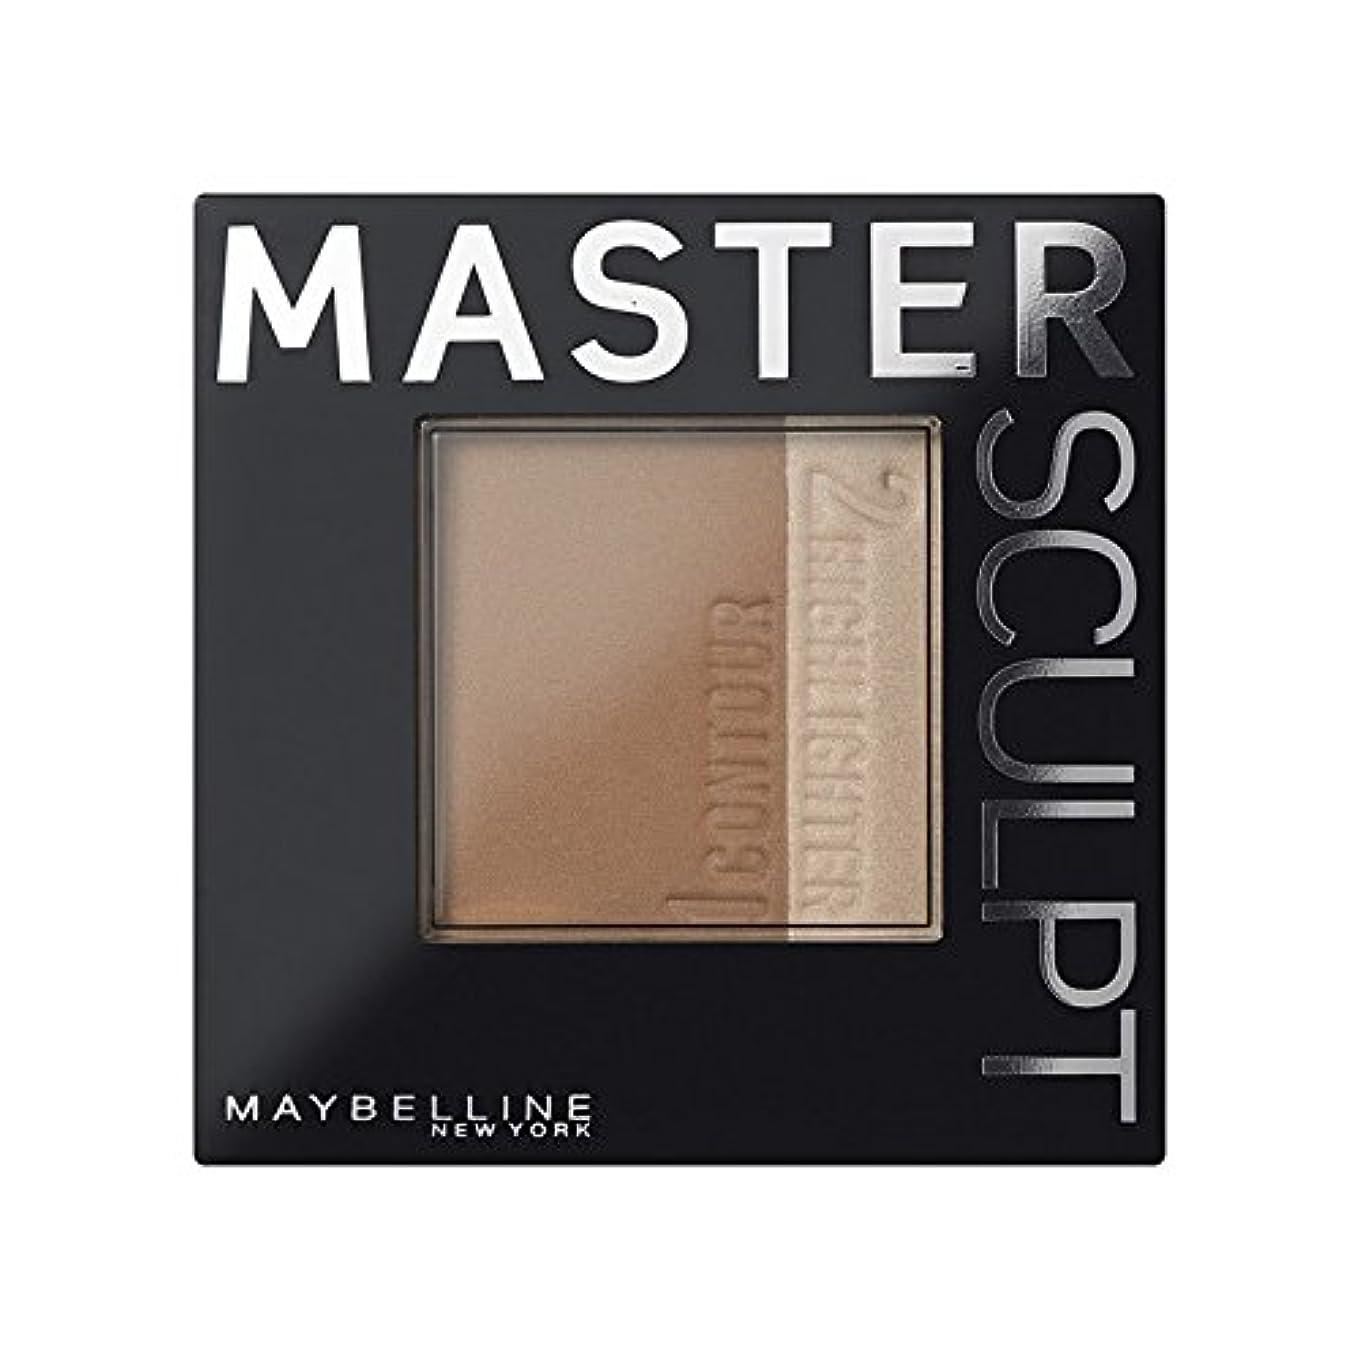 耳製油所移住するMaybelline Master Sculpt Contouring Foundation 01 Light/Med - 土台01光/ を輪郭メイベリンマスタースカルプト [並行輸入品]